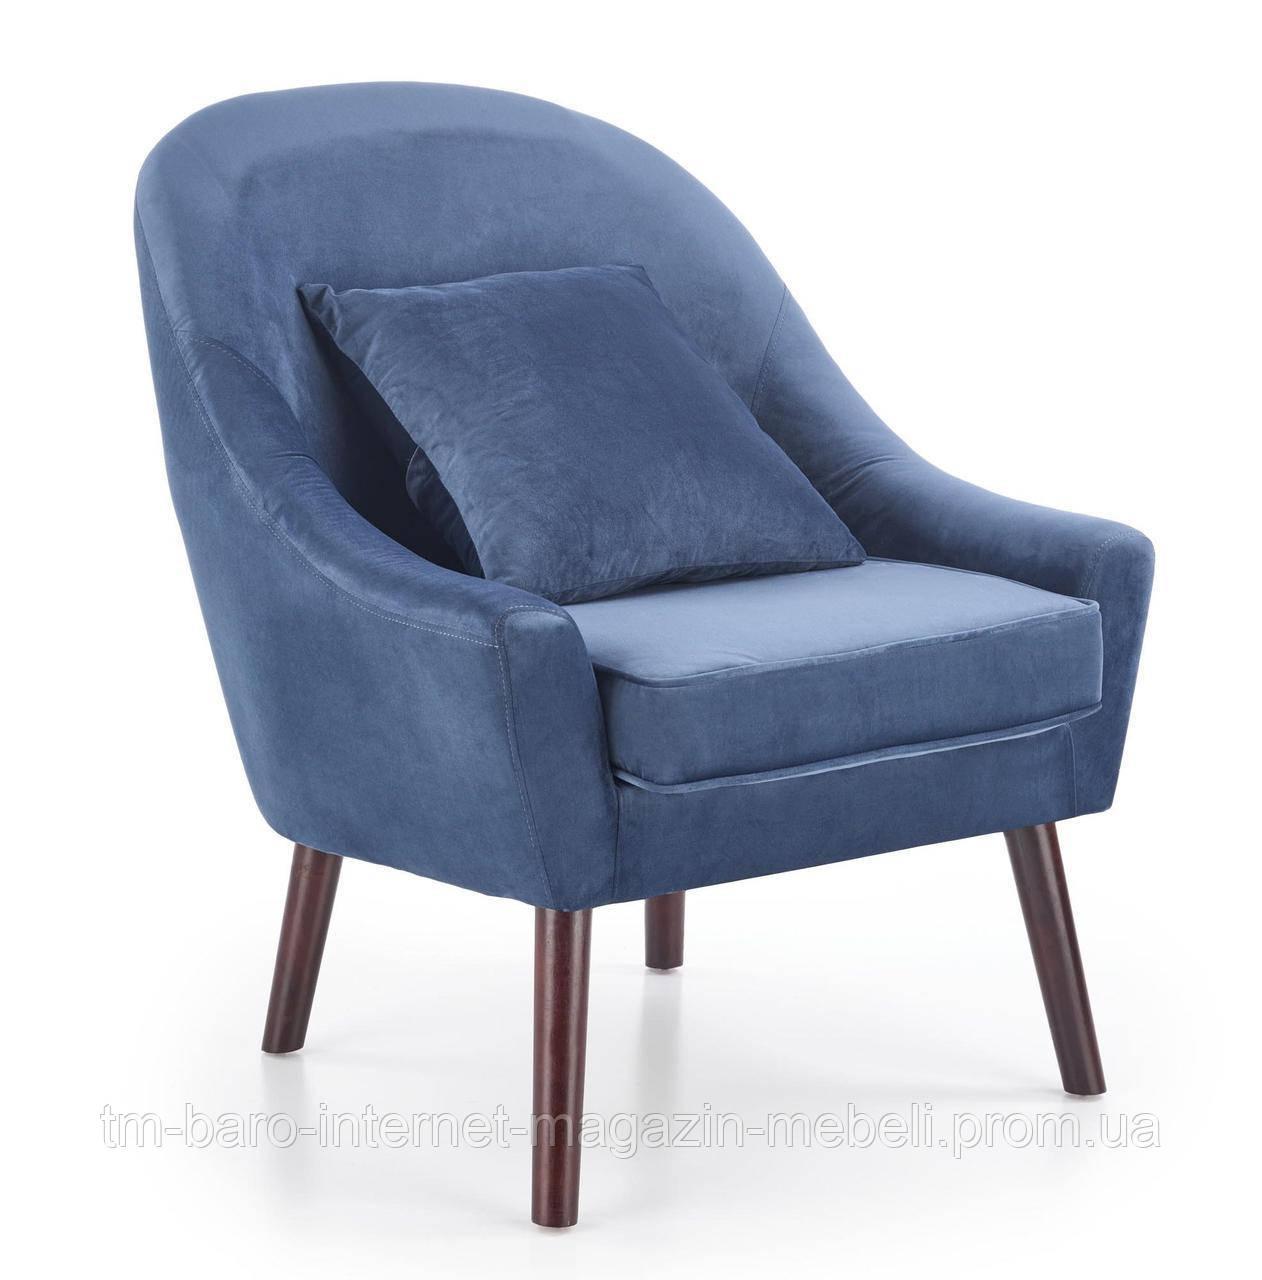 Кресло Opale (Опале) синий, ткань, Halmar